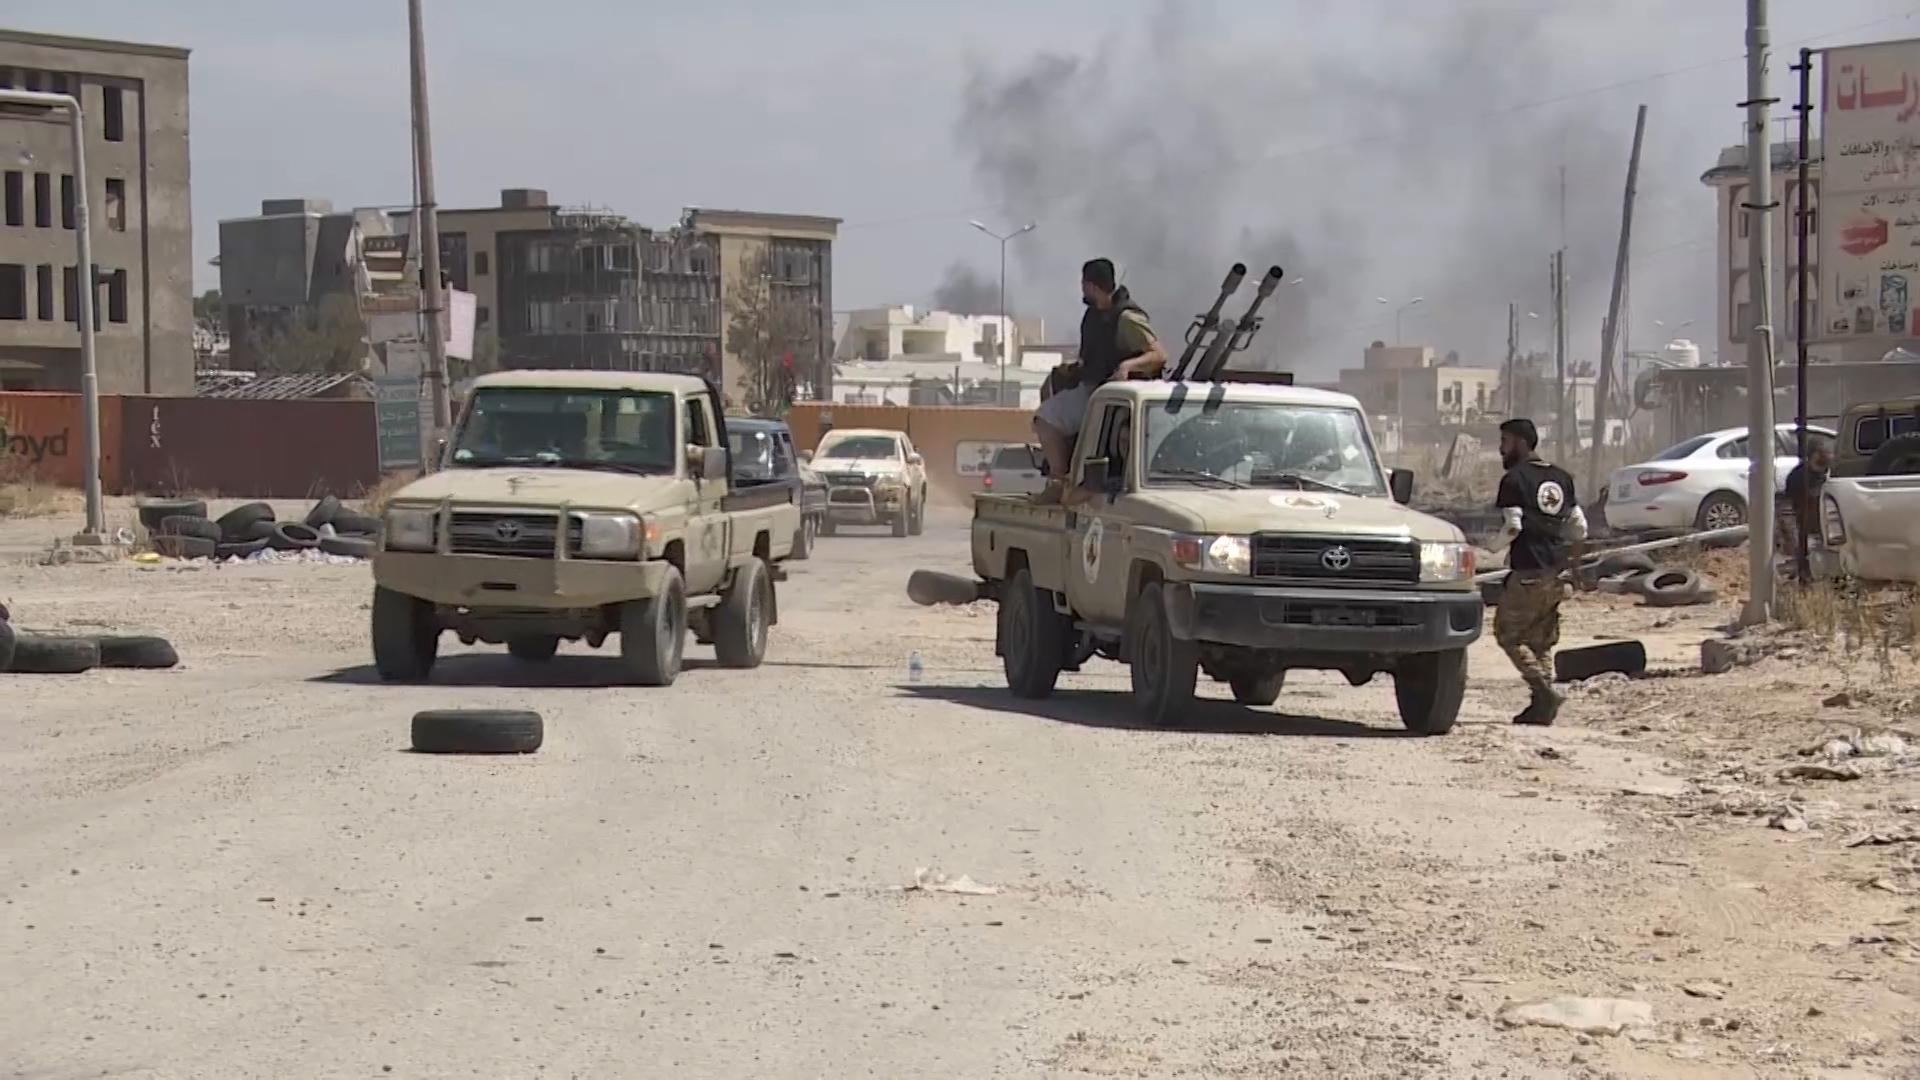 ليبيا.. قوات الوفاق تواصل التقدم جنوبي طرابلس وتضيق الخناق على ترهونة